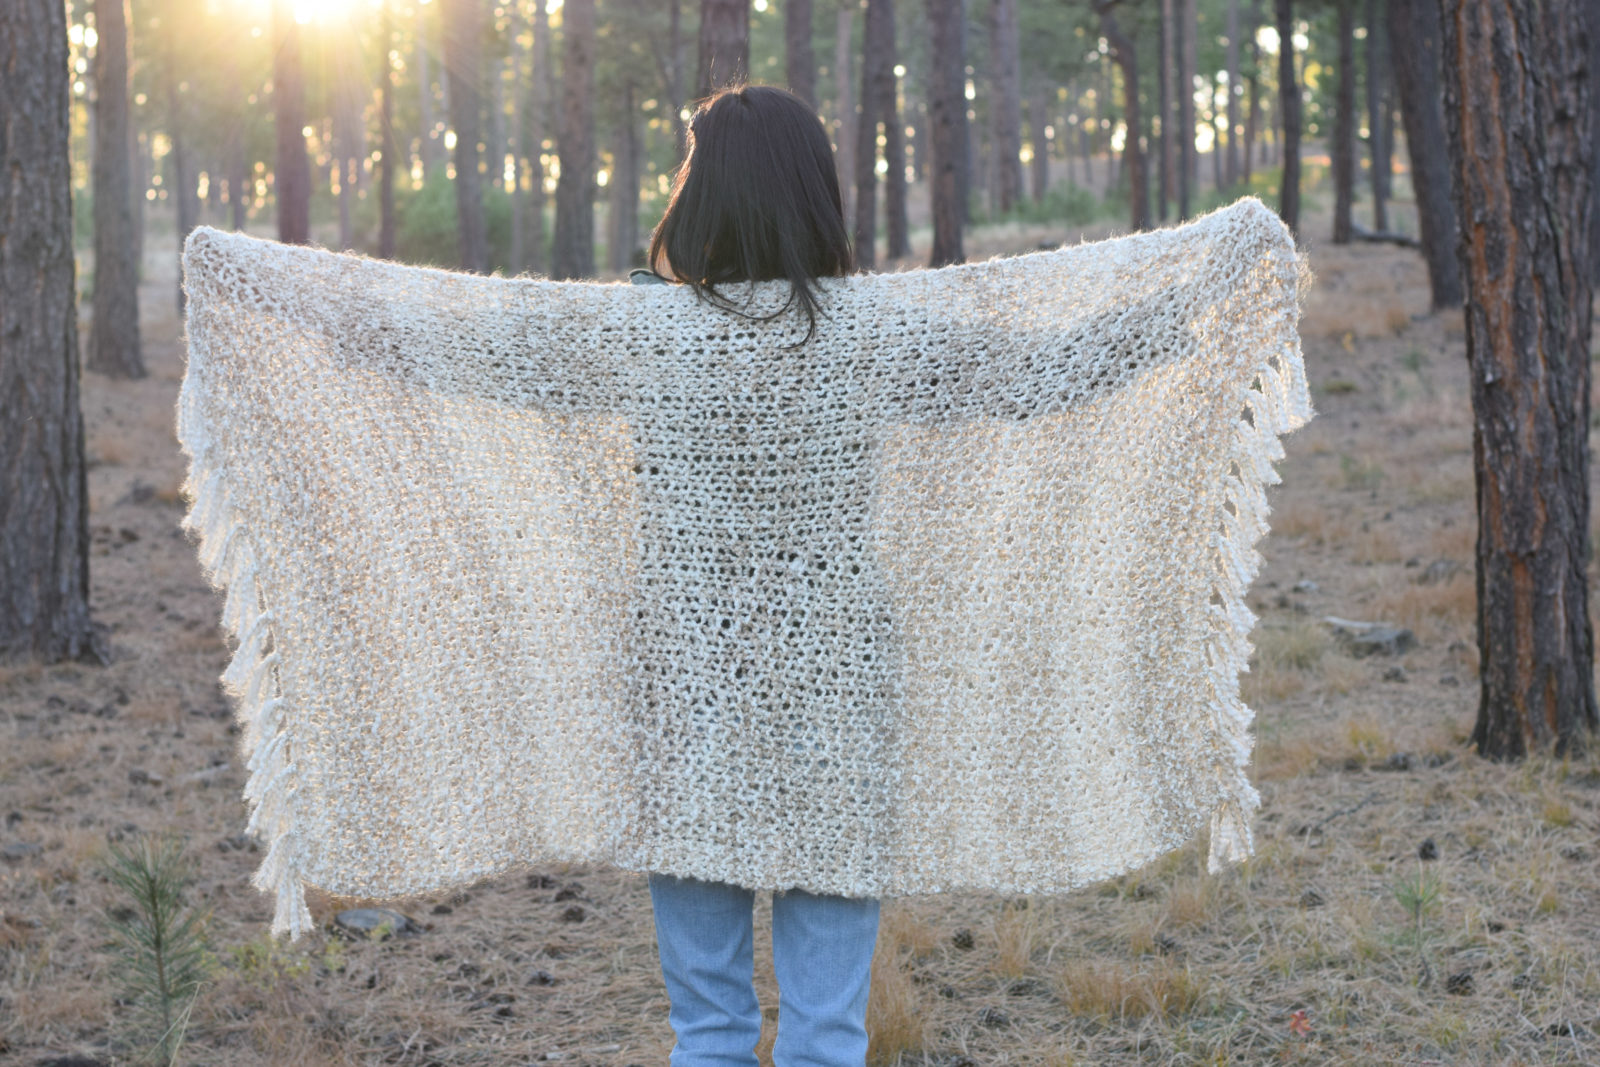 Sedona Serenity Knit Shawl Pattern - Mama In A Stitch